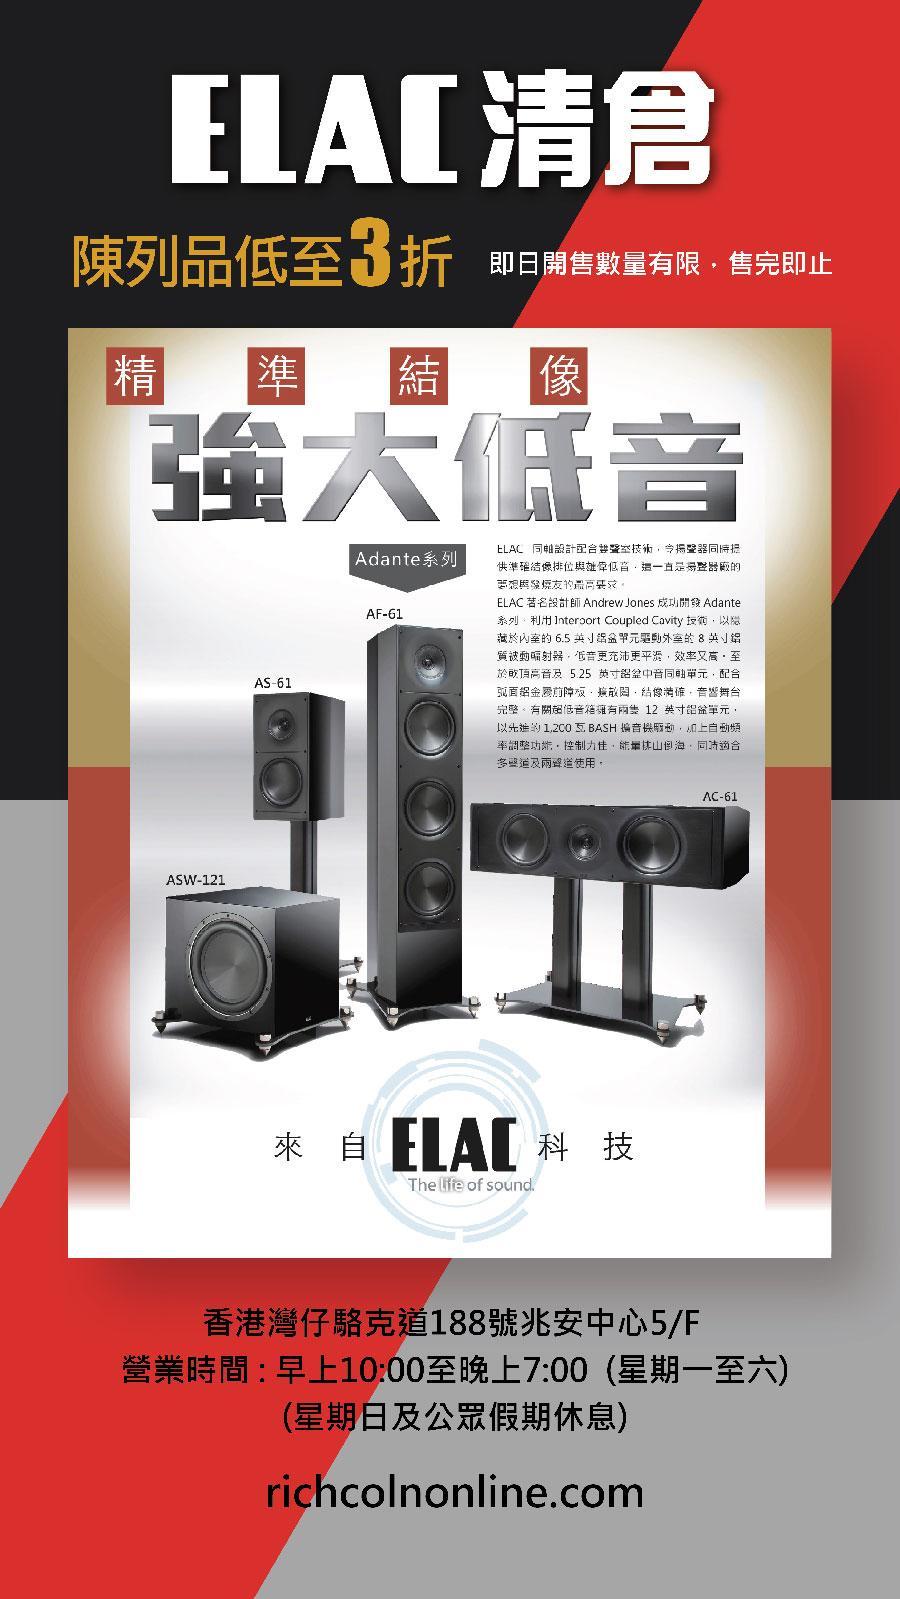 ELAC 清倉減價